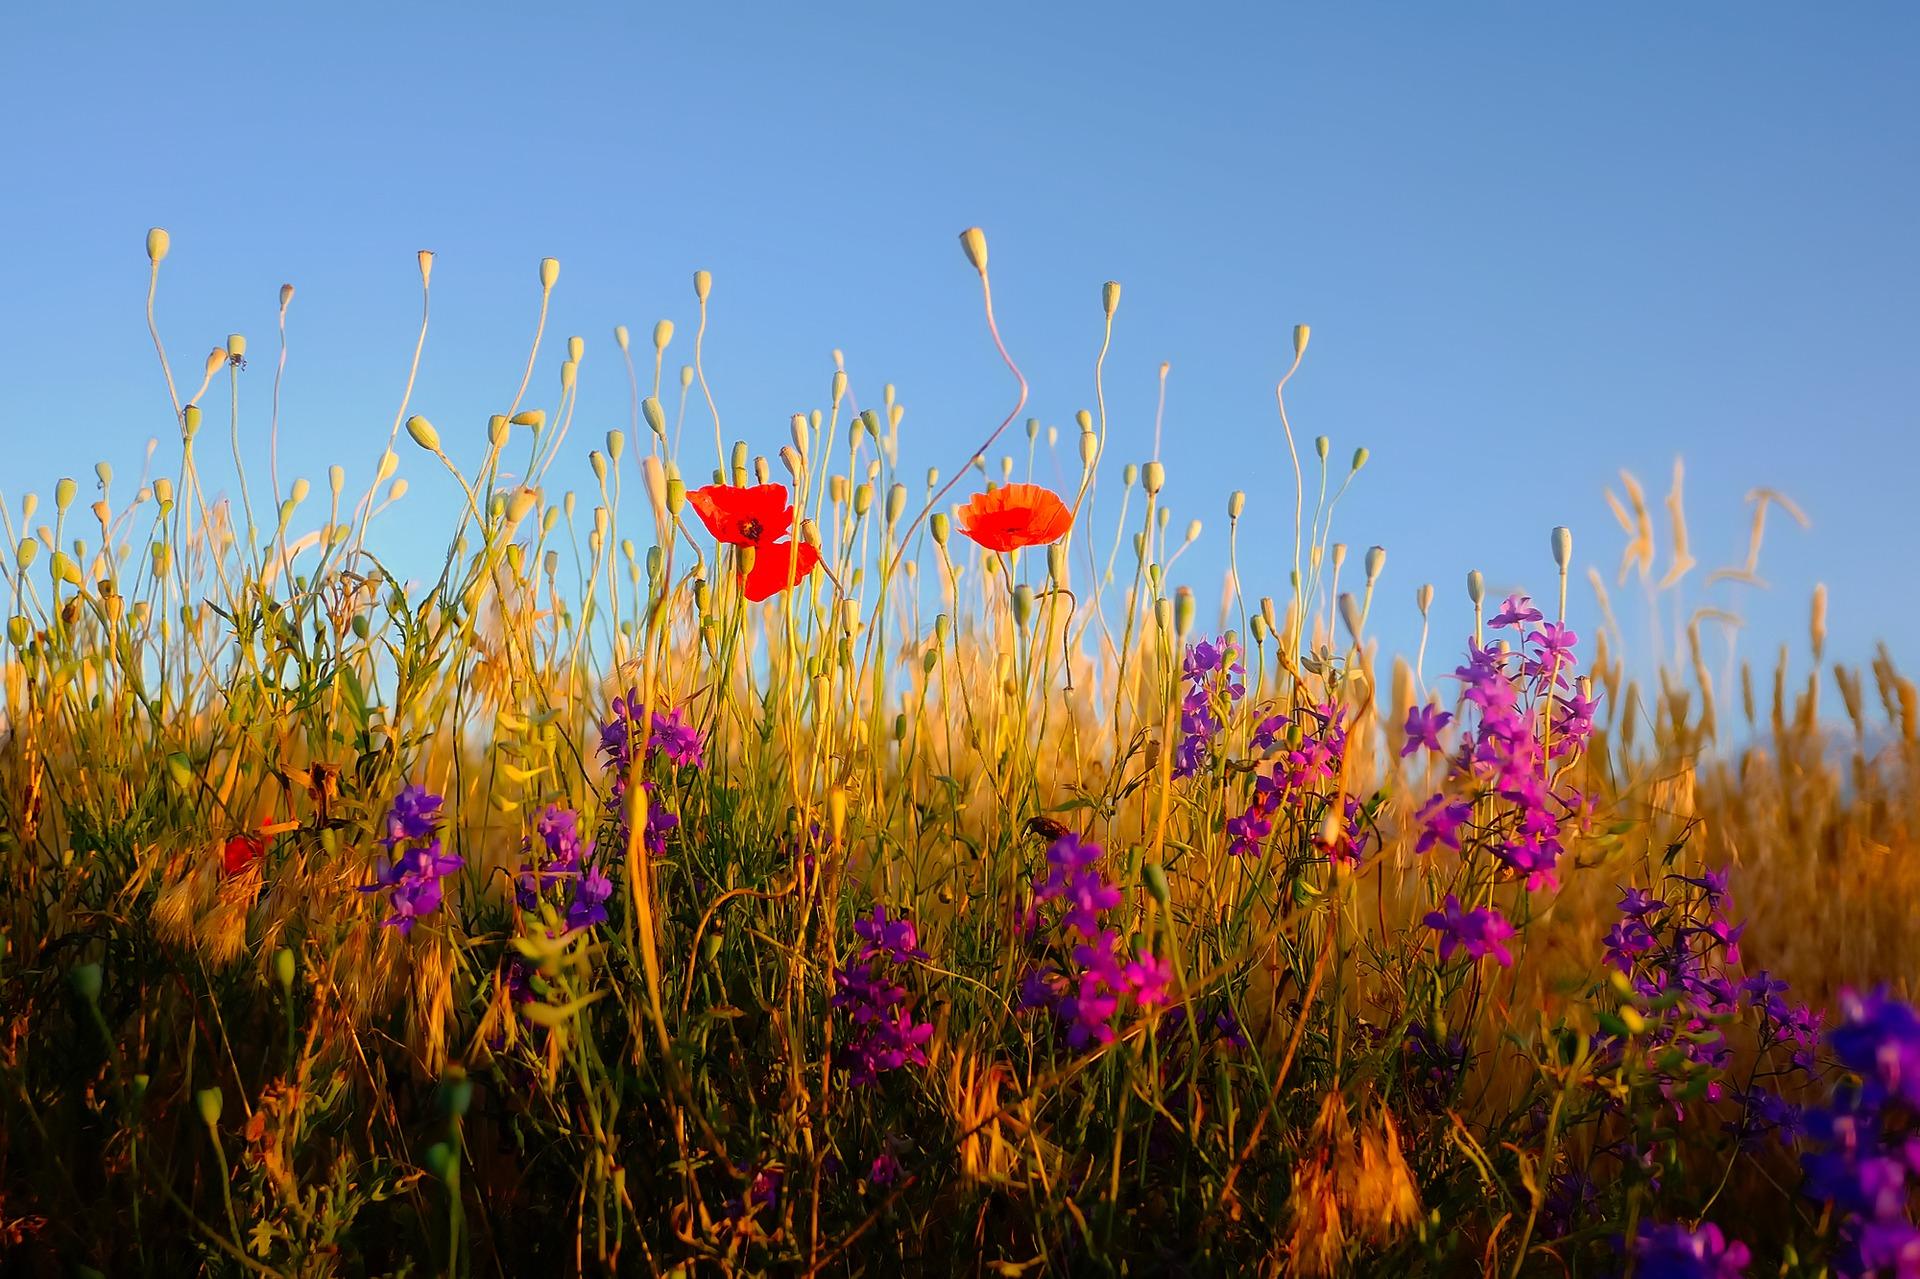 каменные полевые травы букет картинки шла коротком